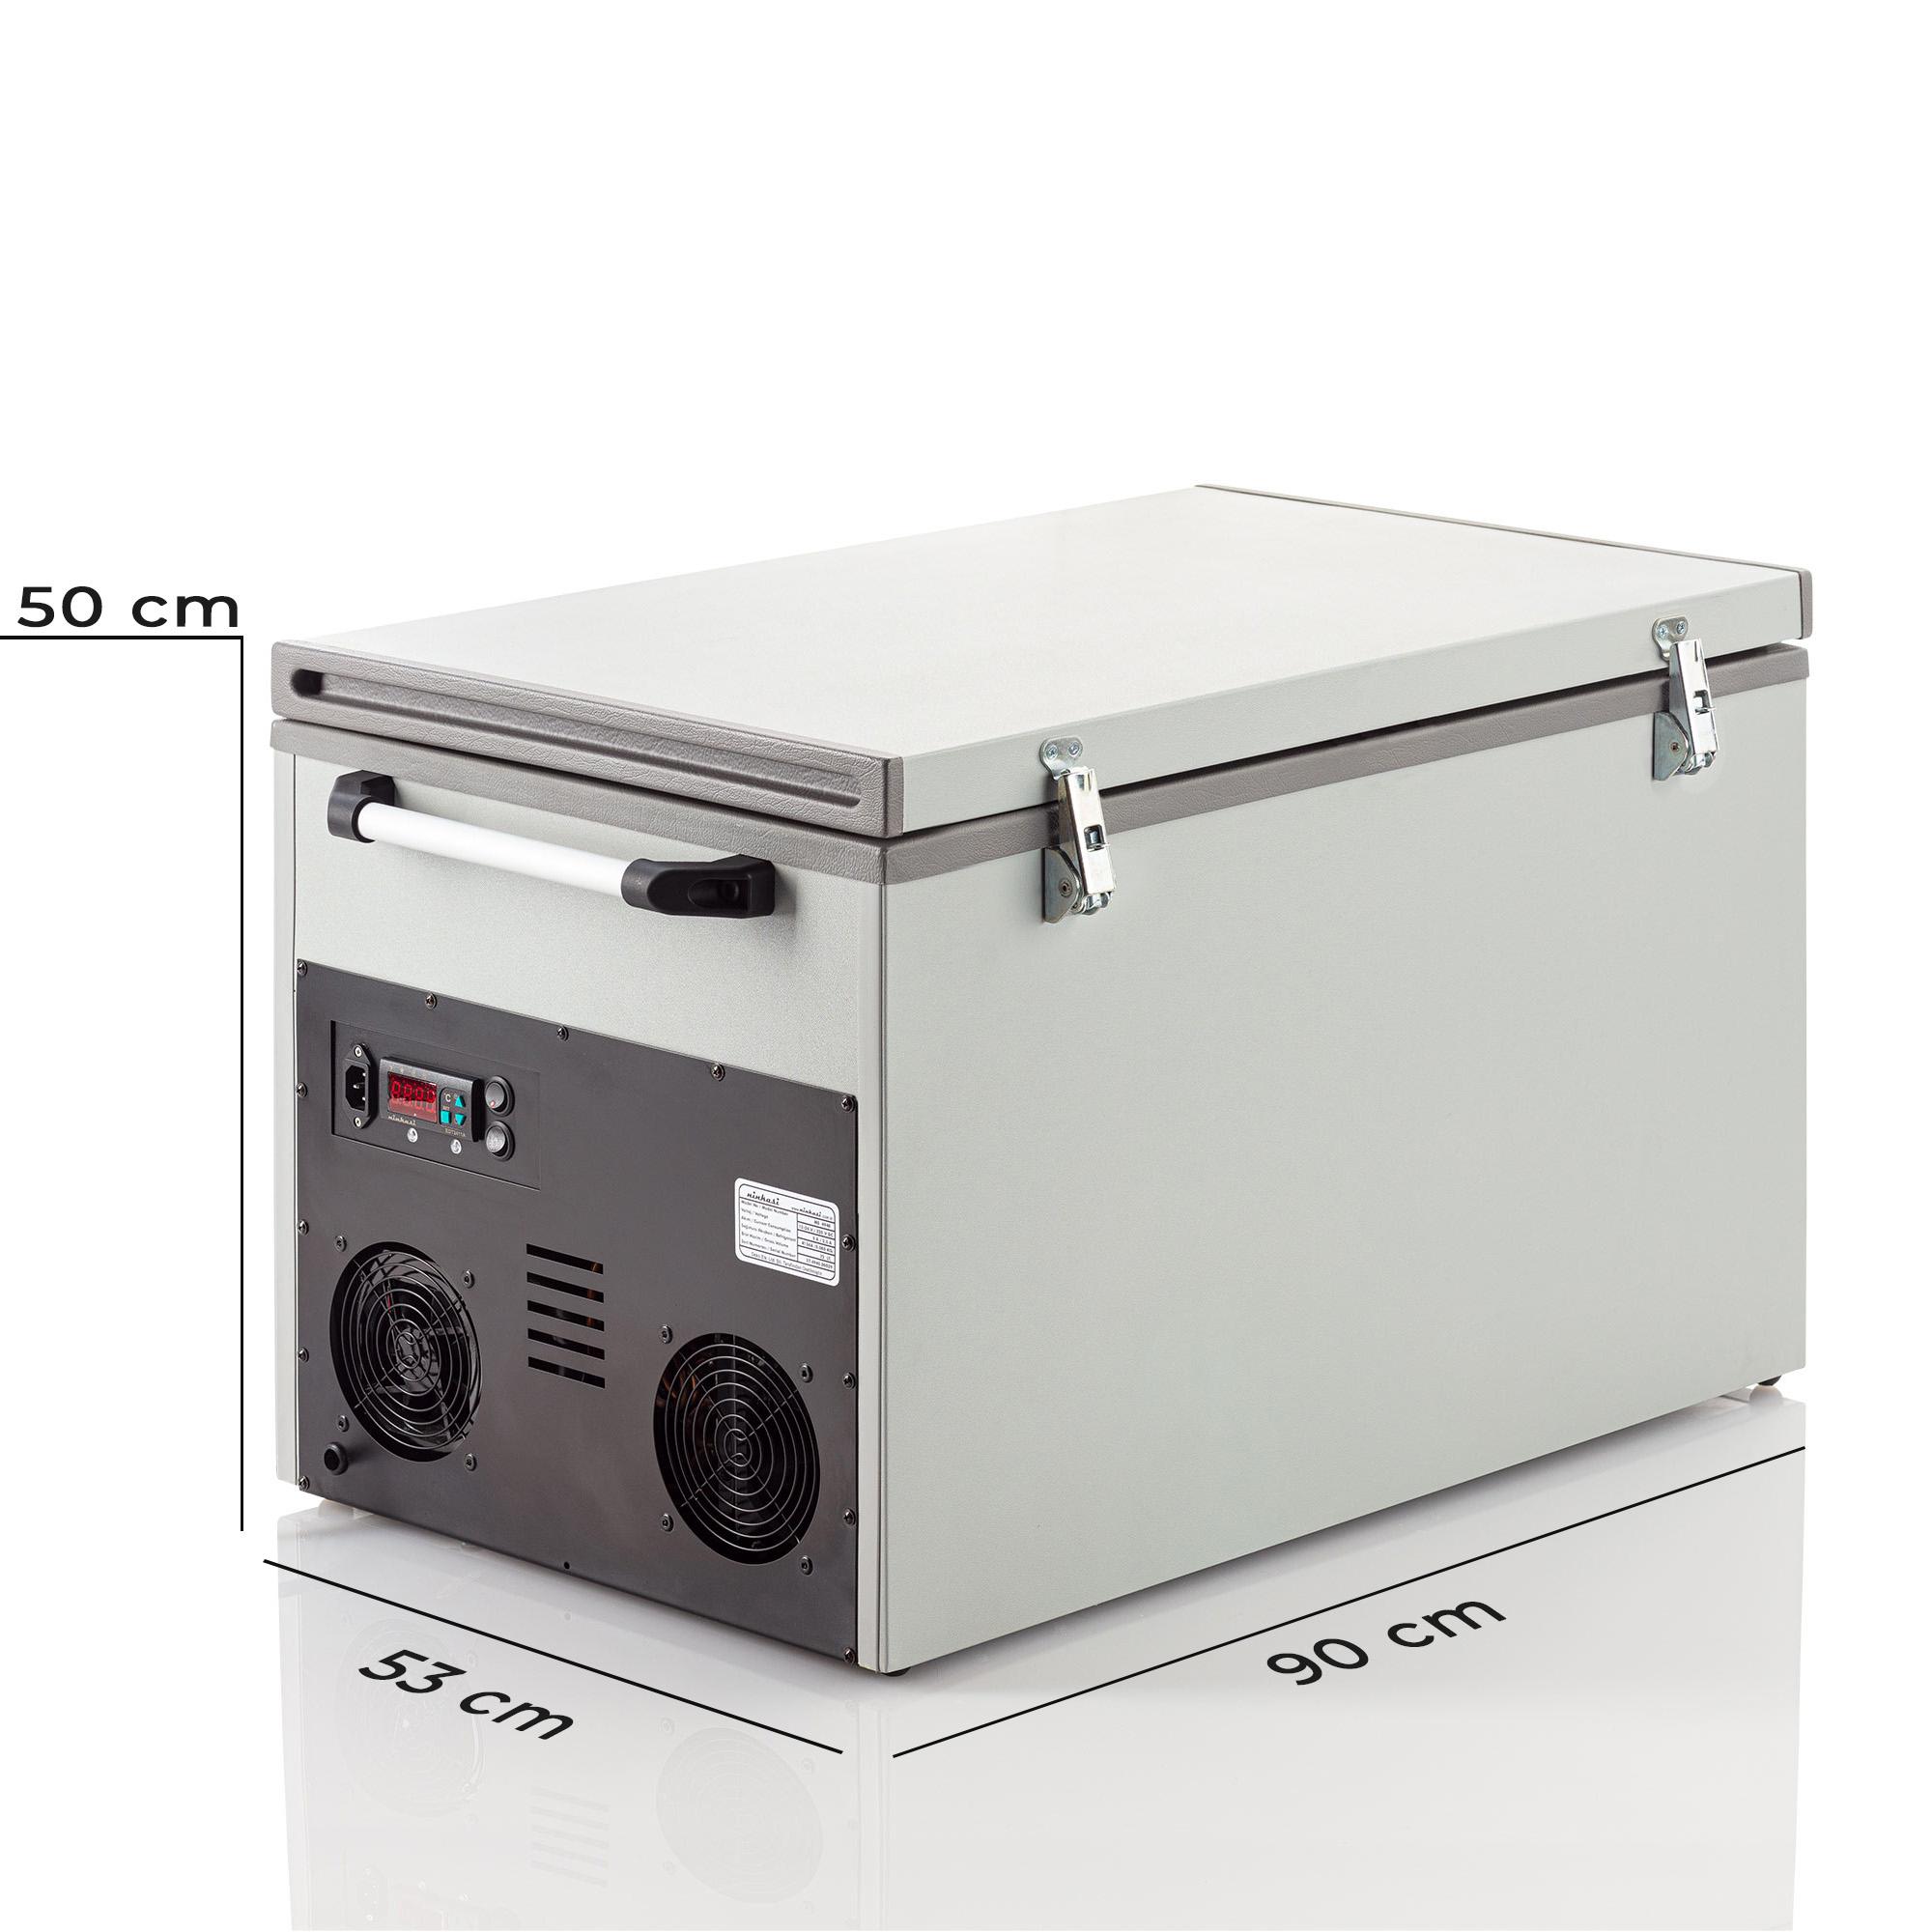 MEC 4950/ 50 LT Soğutucu Araç Buzdolabı